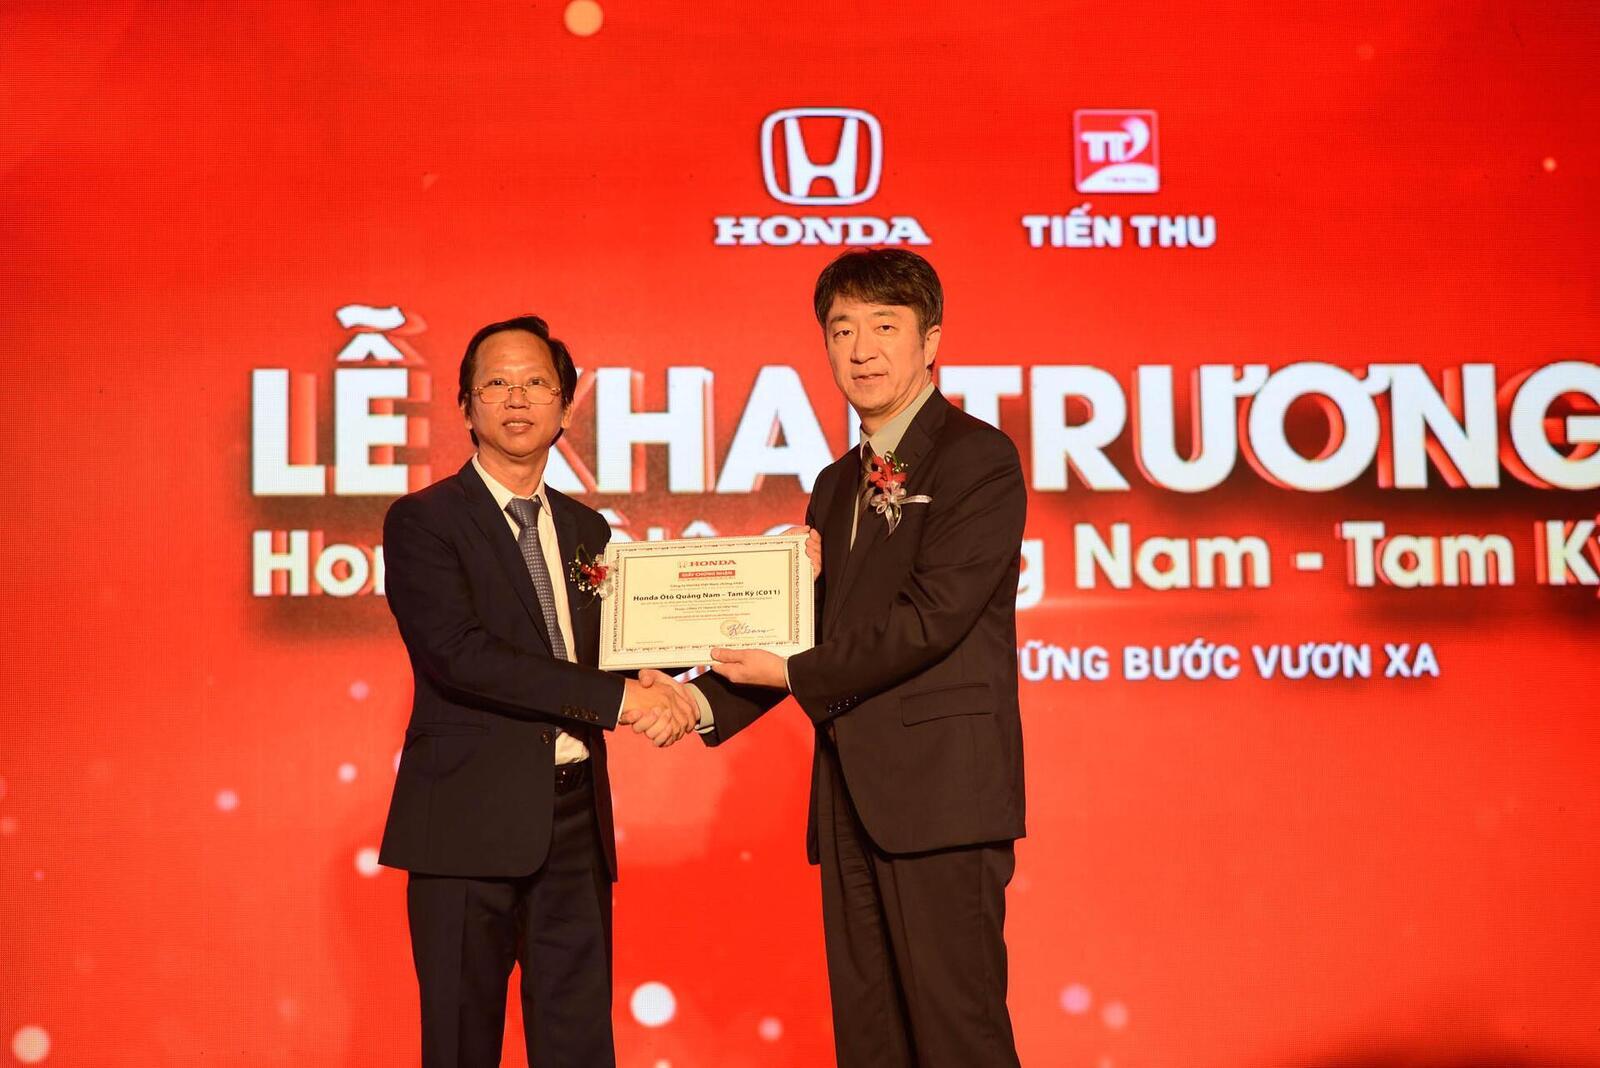 Honda Việt Nam khai trương đại lý tại Quảng Nam – Tam Kỳ, mở rộng thị trường khu vực miền Trung - Hình 5